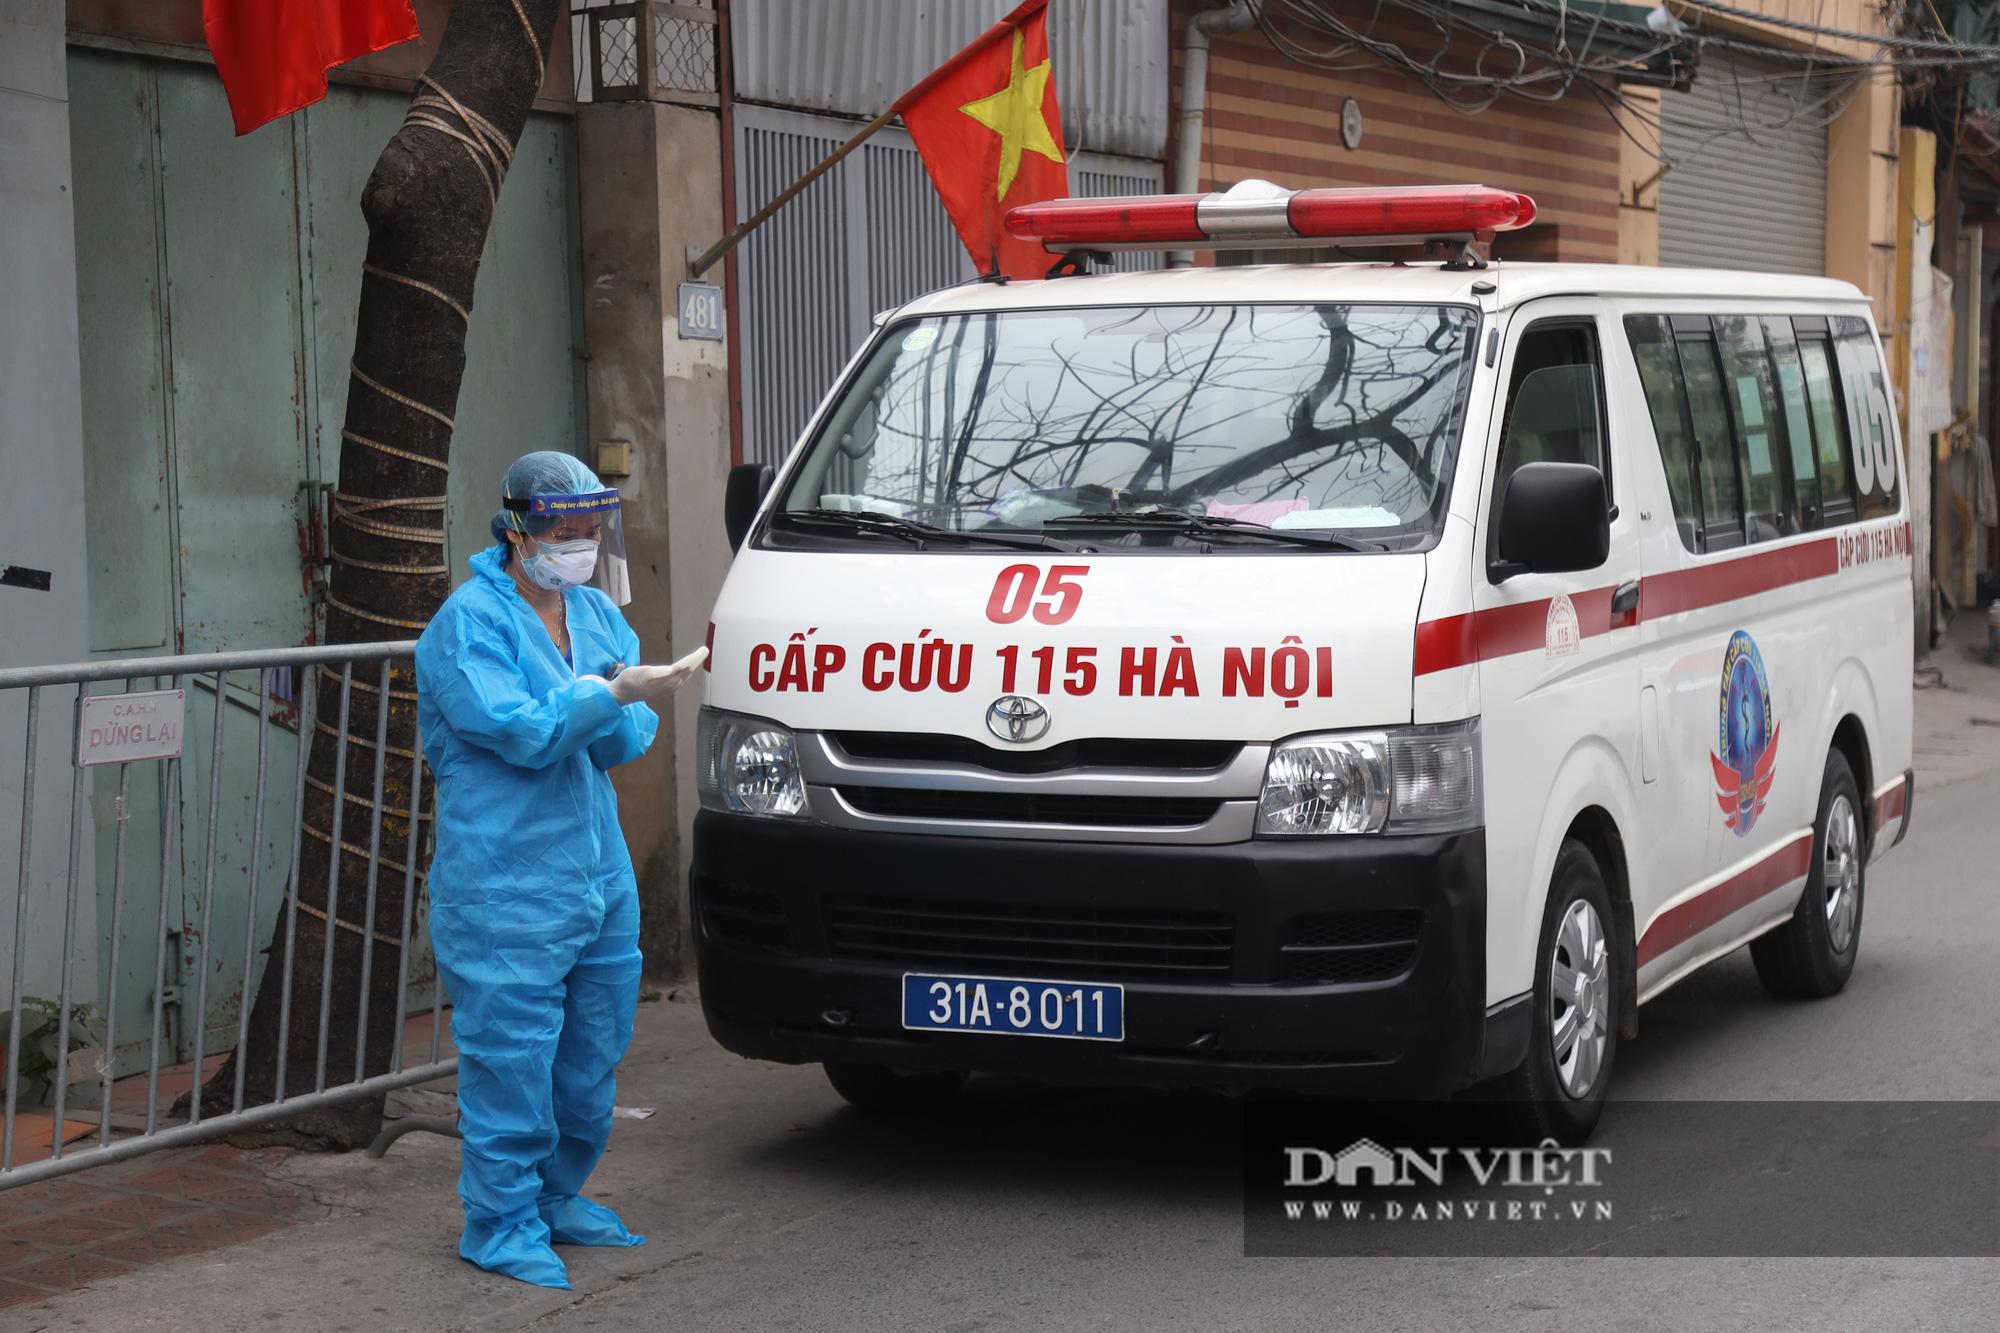 Đưa bố mẹ vợ của ca nhiễm Covid-19 thứ 3 ở Hà Nội đi cách ly - Ảnh 3.